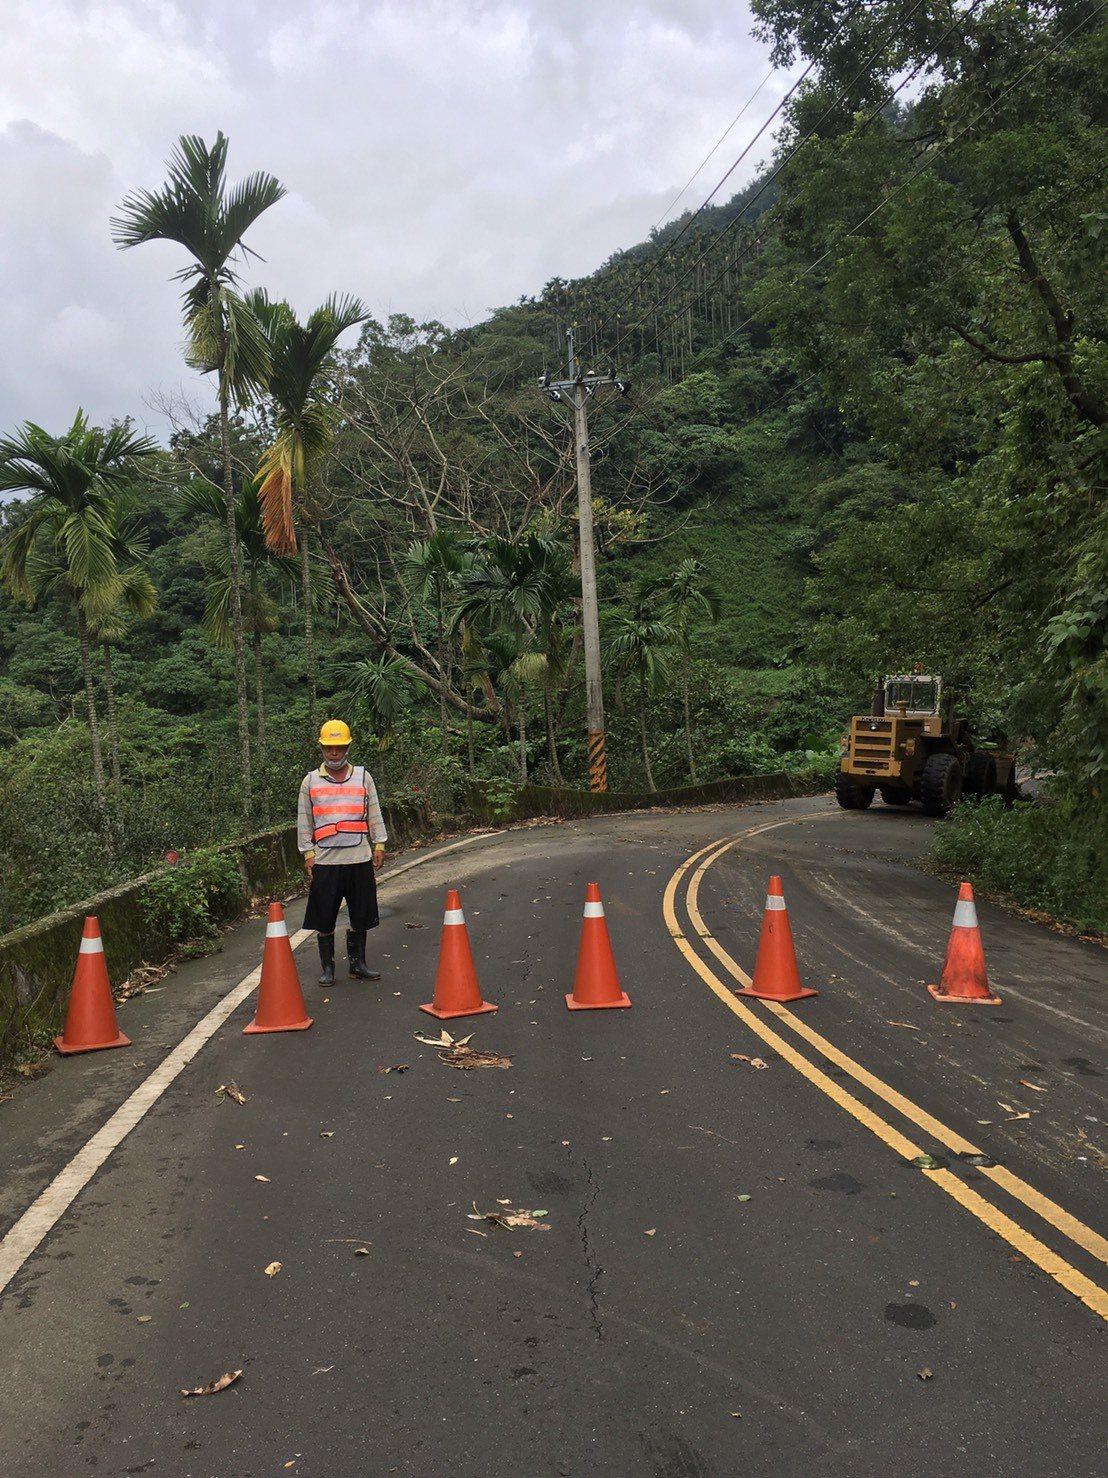 縣府工務處已派遣人員到場封閉警戒道路。圖/雲林縣府工務處提供